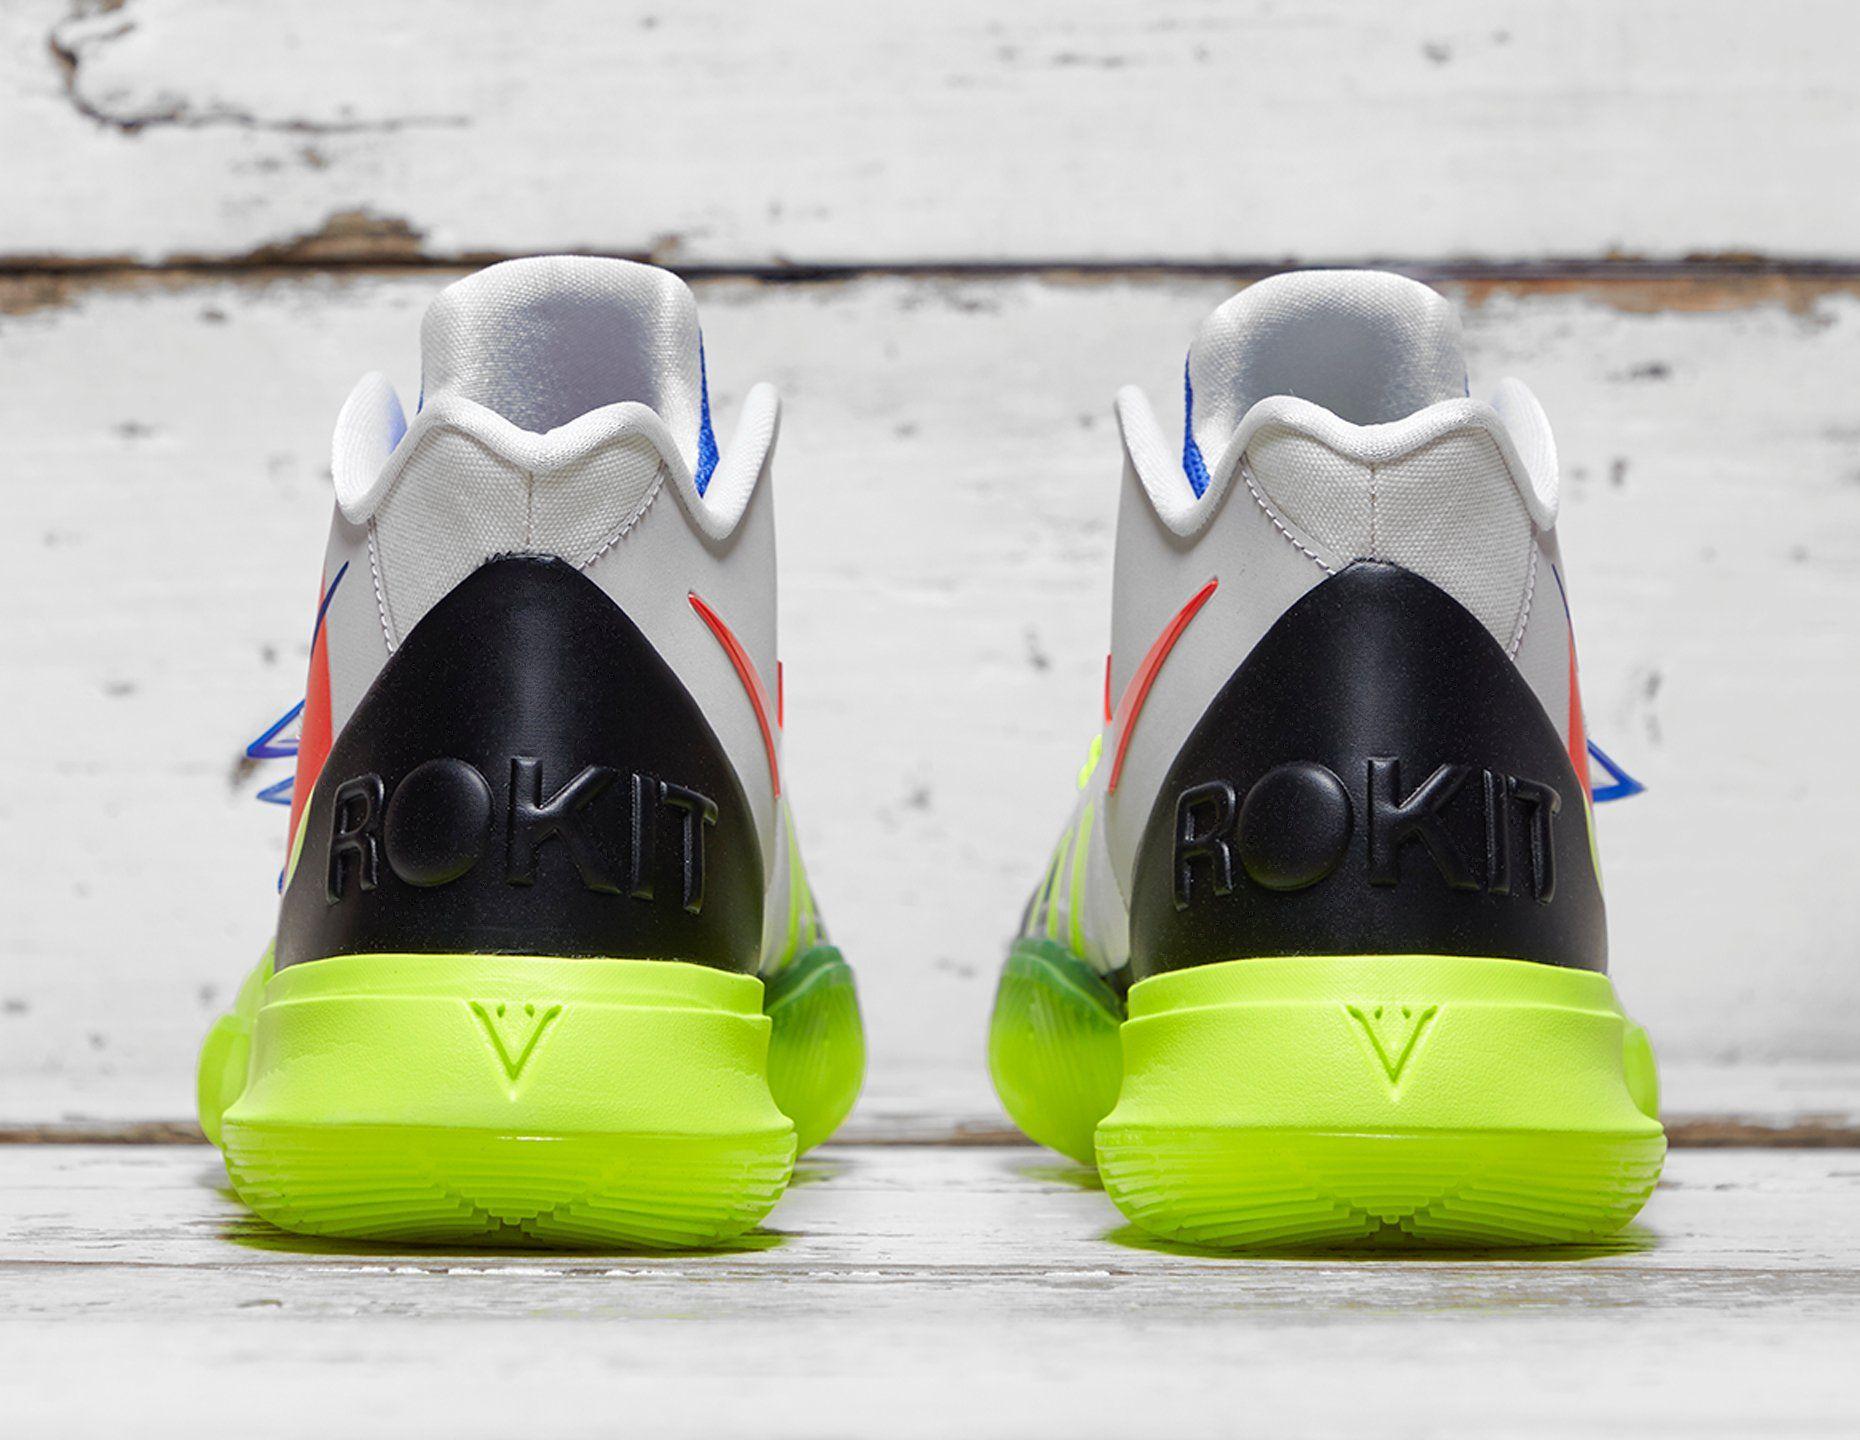 Nike Kyrie 5 All-Star QS